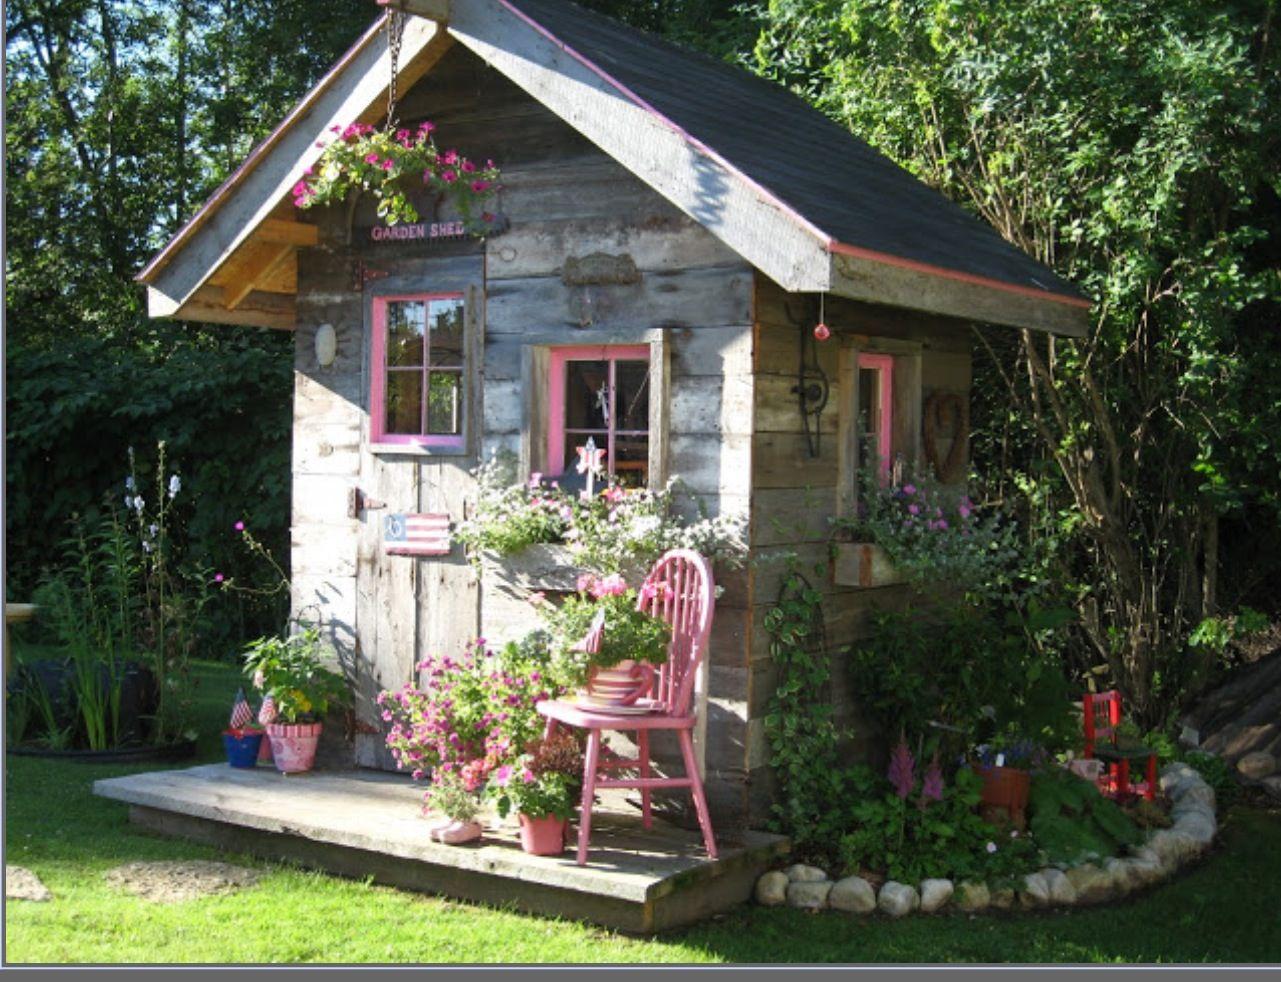 Casita cosas bonitas pinterest casitas casas y jard n for Casita madera jardin